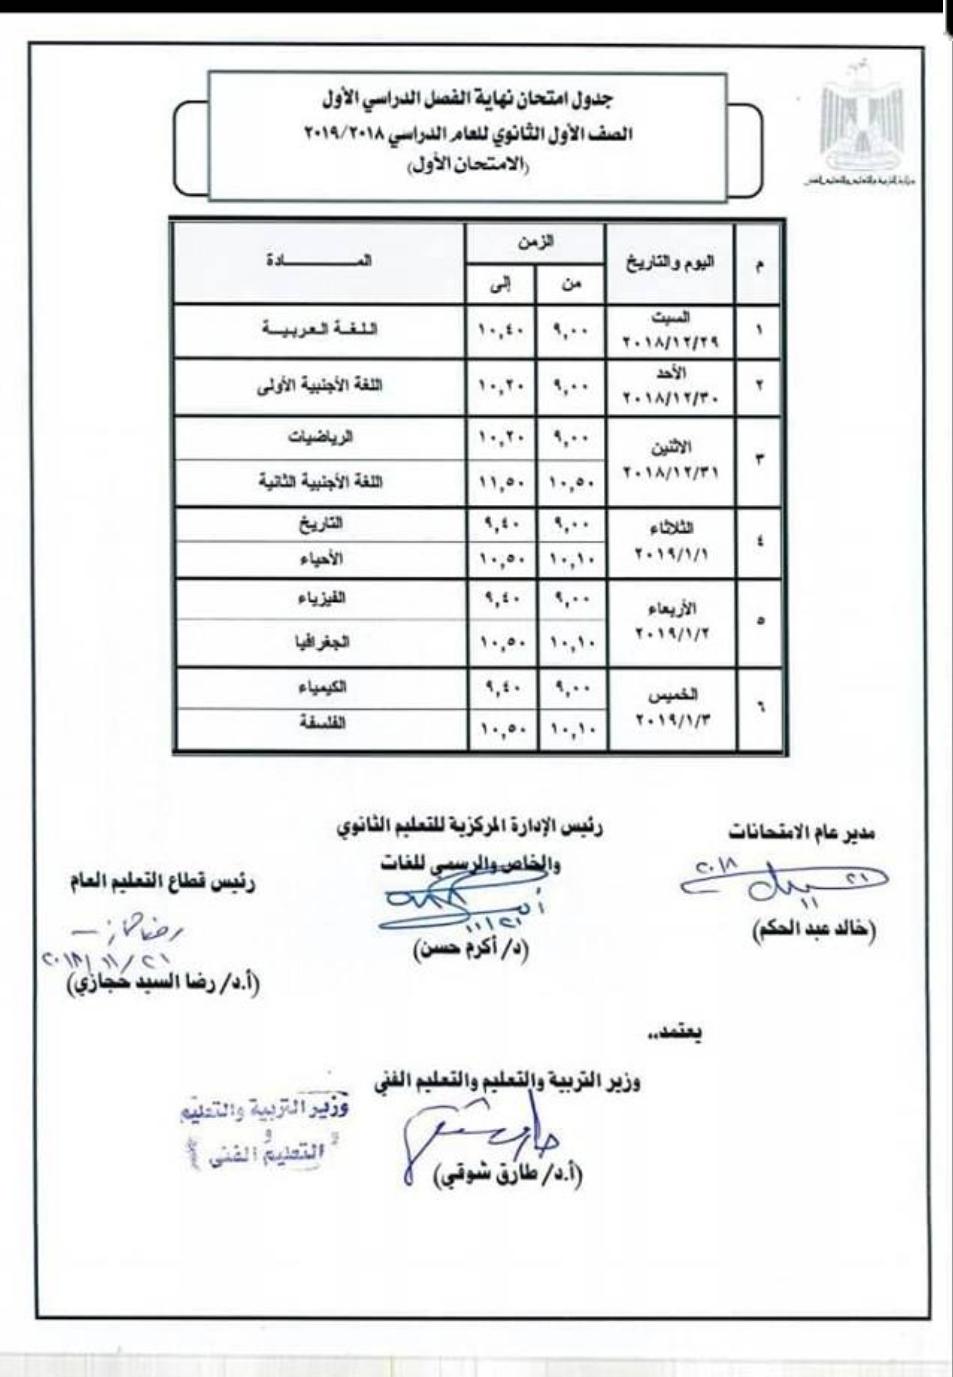 ننشر جدول امتحانات الترم الاول للصف الاول الثانوى بالنظام التعليمى الجديد 2018 / 2019 Receiv11